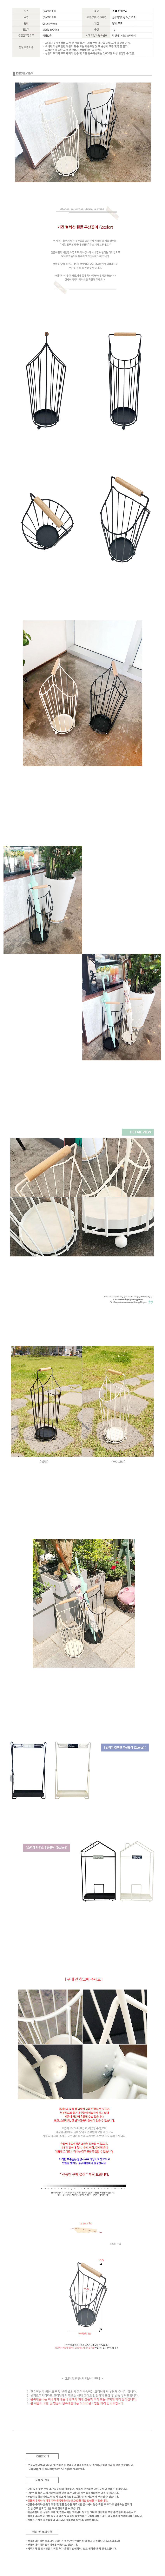 키친 컬렉션 핸들 우산꽂이 (2color) - 컨츄리아이템, 29,600원, 생활잡화, 우산꽂이